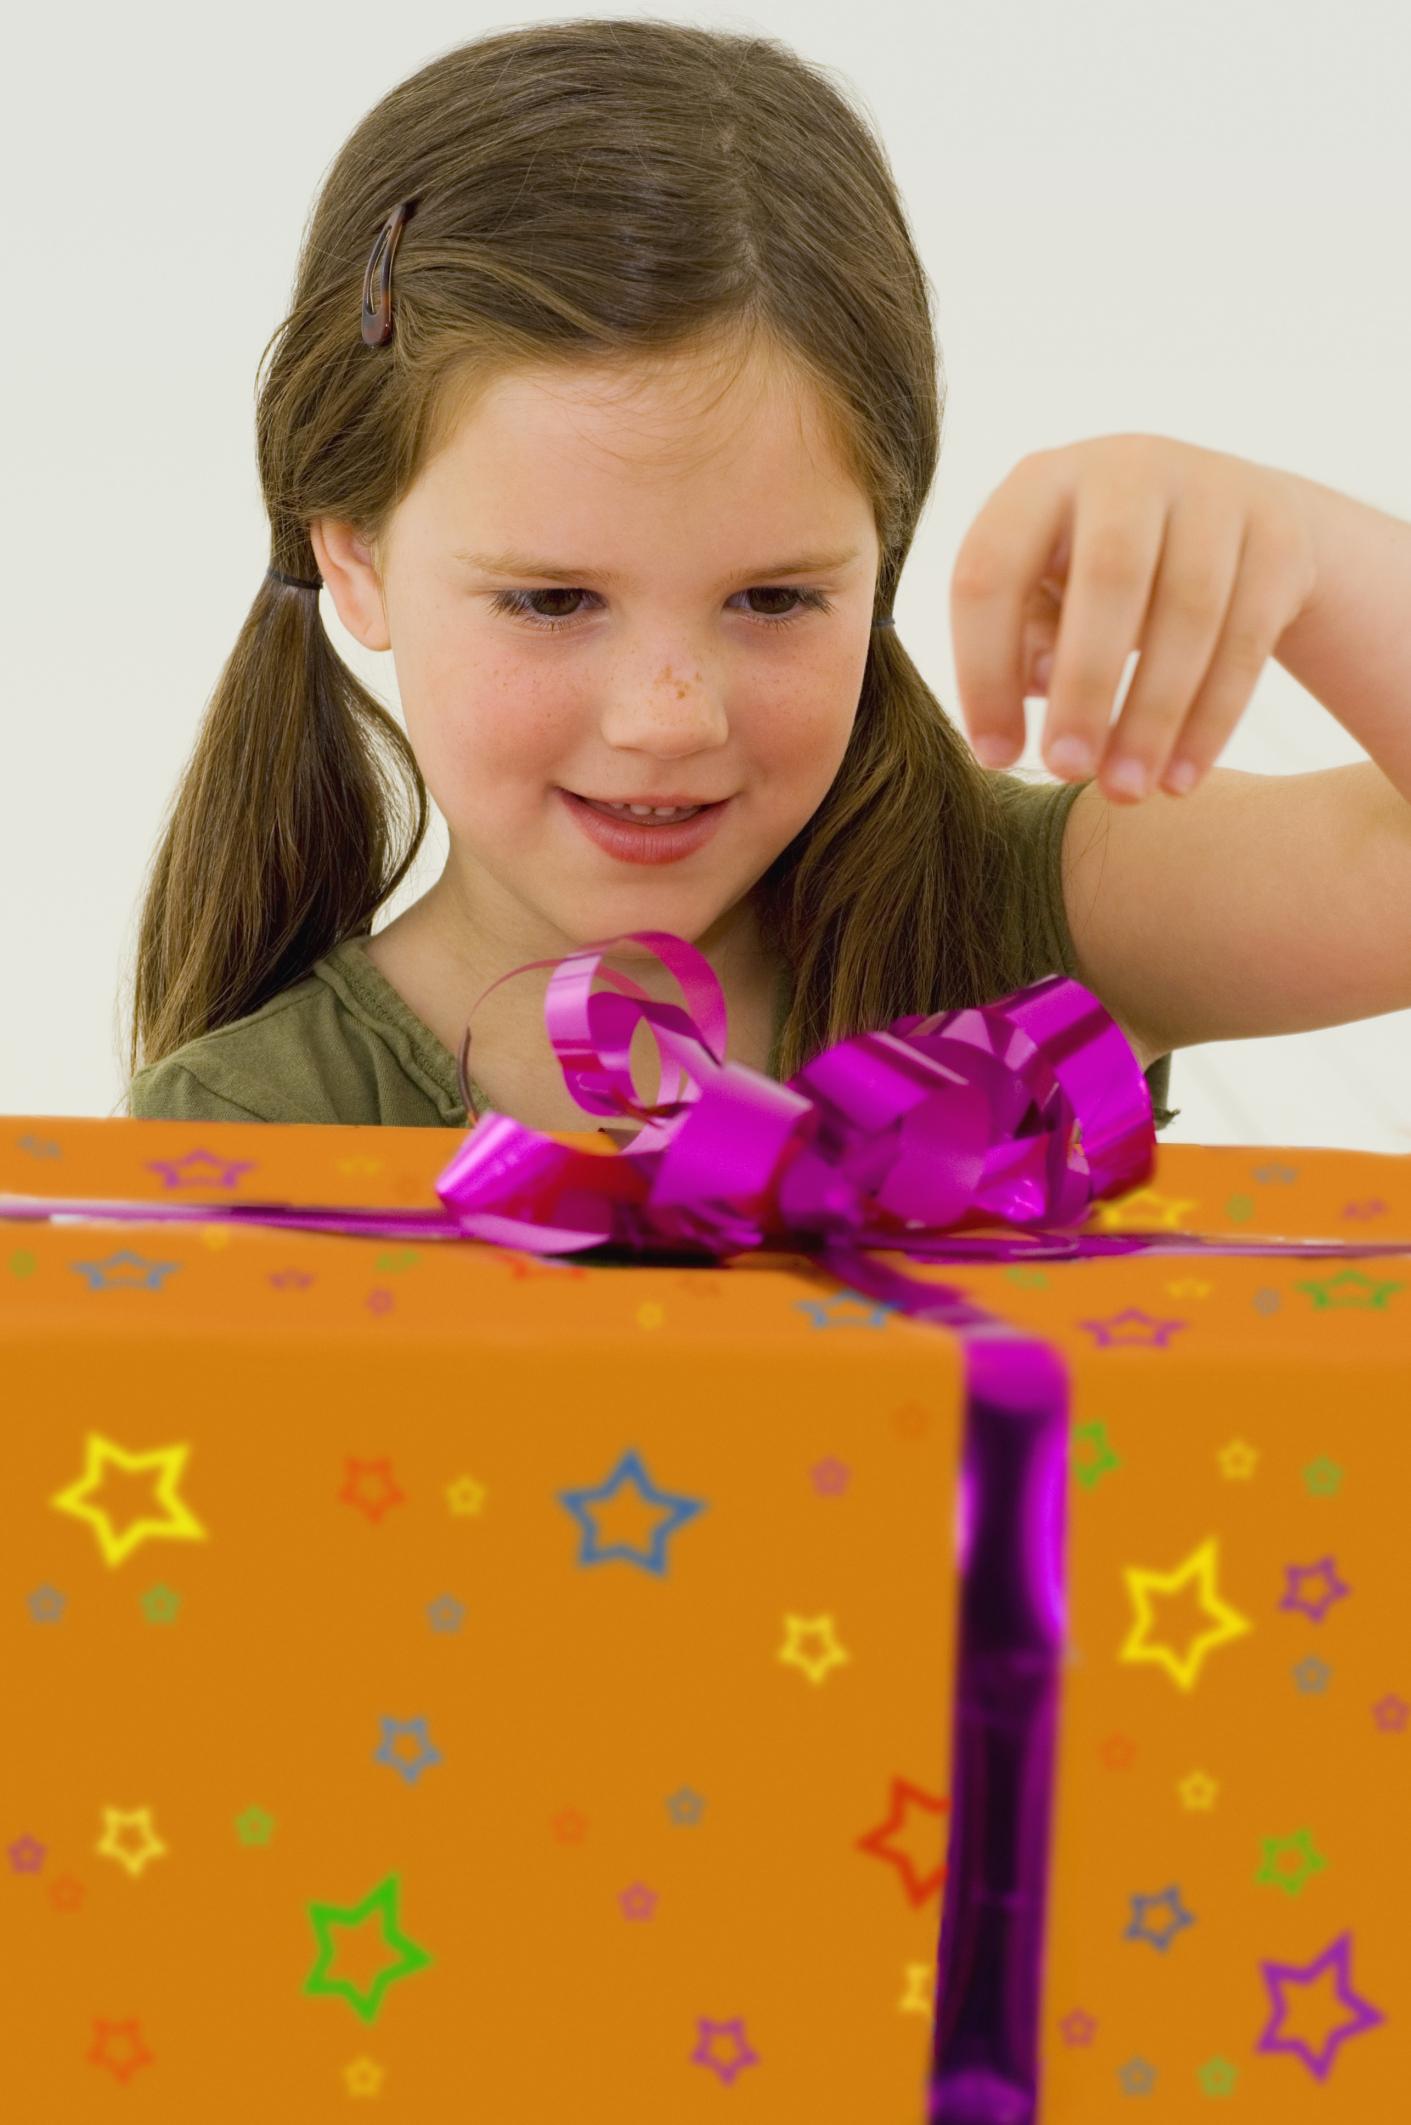 Подарок на Новый год на 13 лет: идеи для девочки и мальчика 39